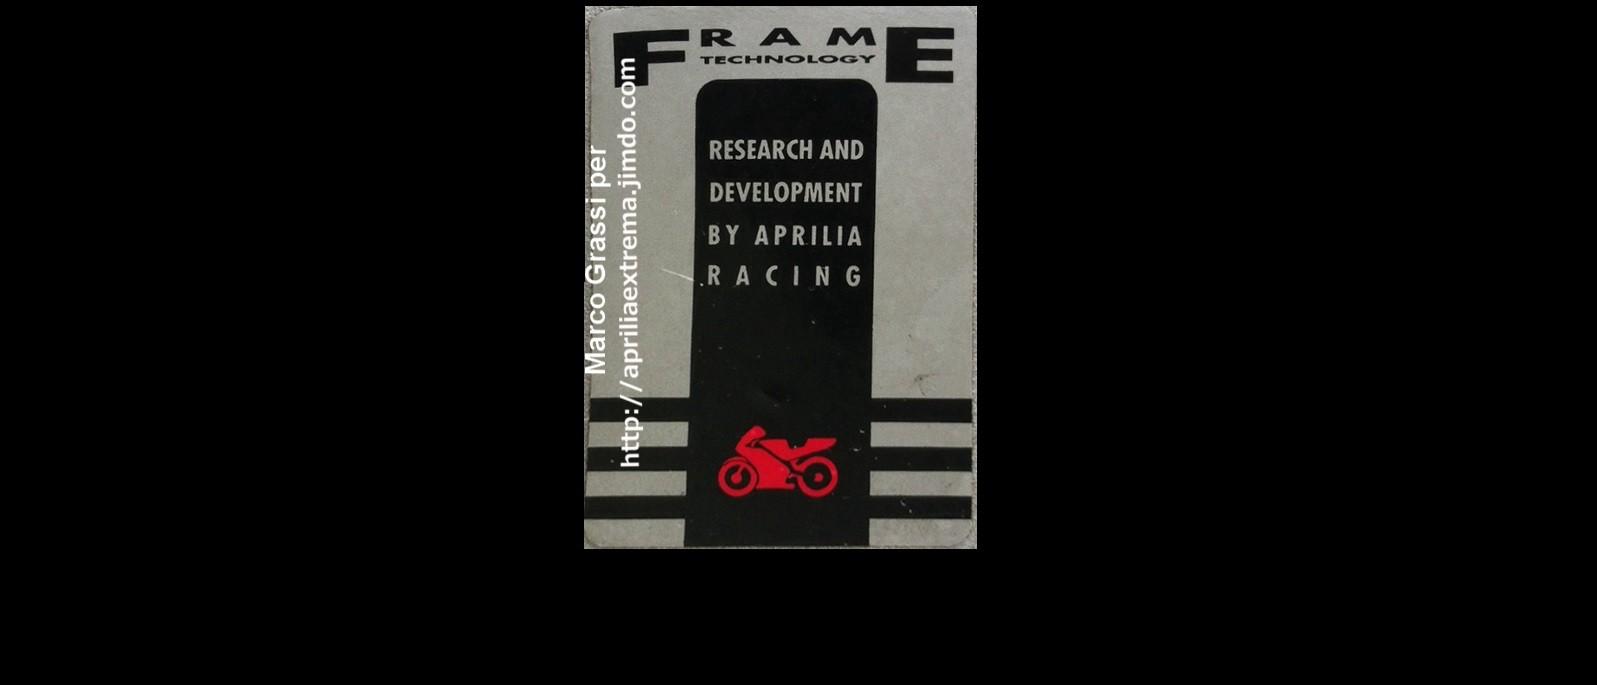 Sticker for frames 1993